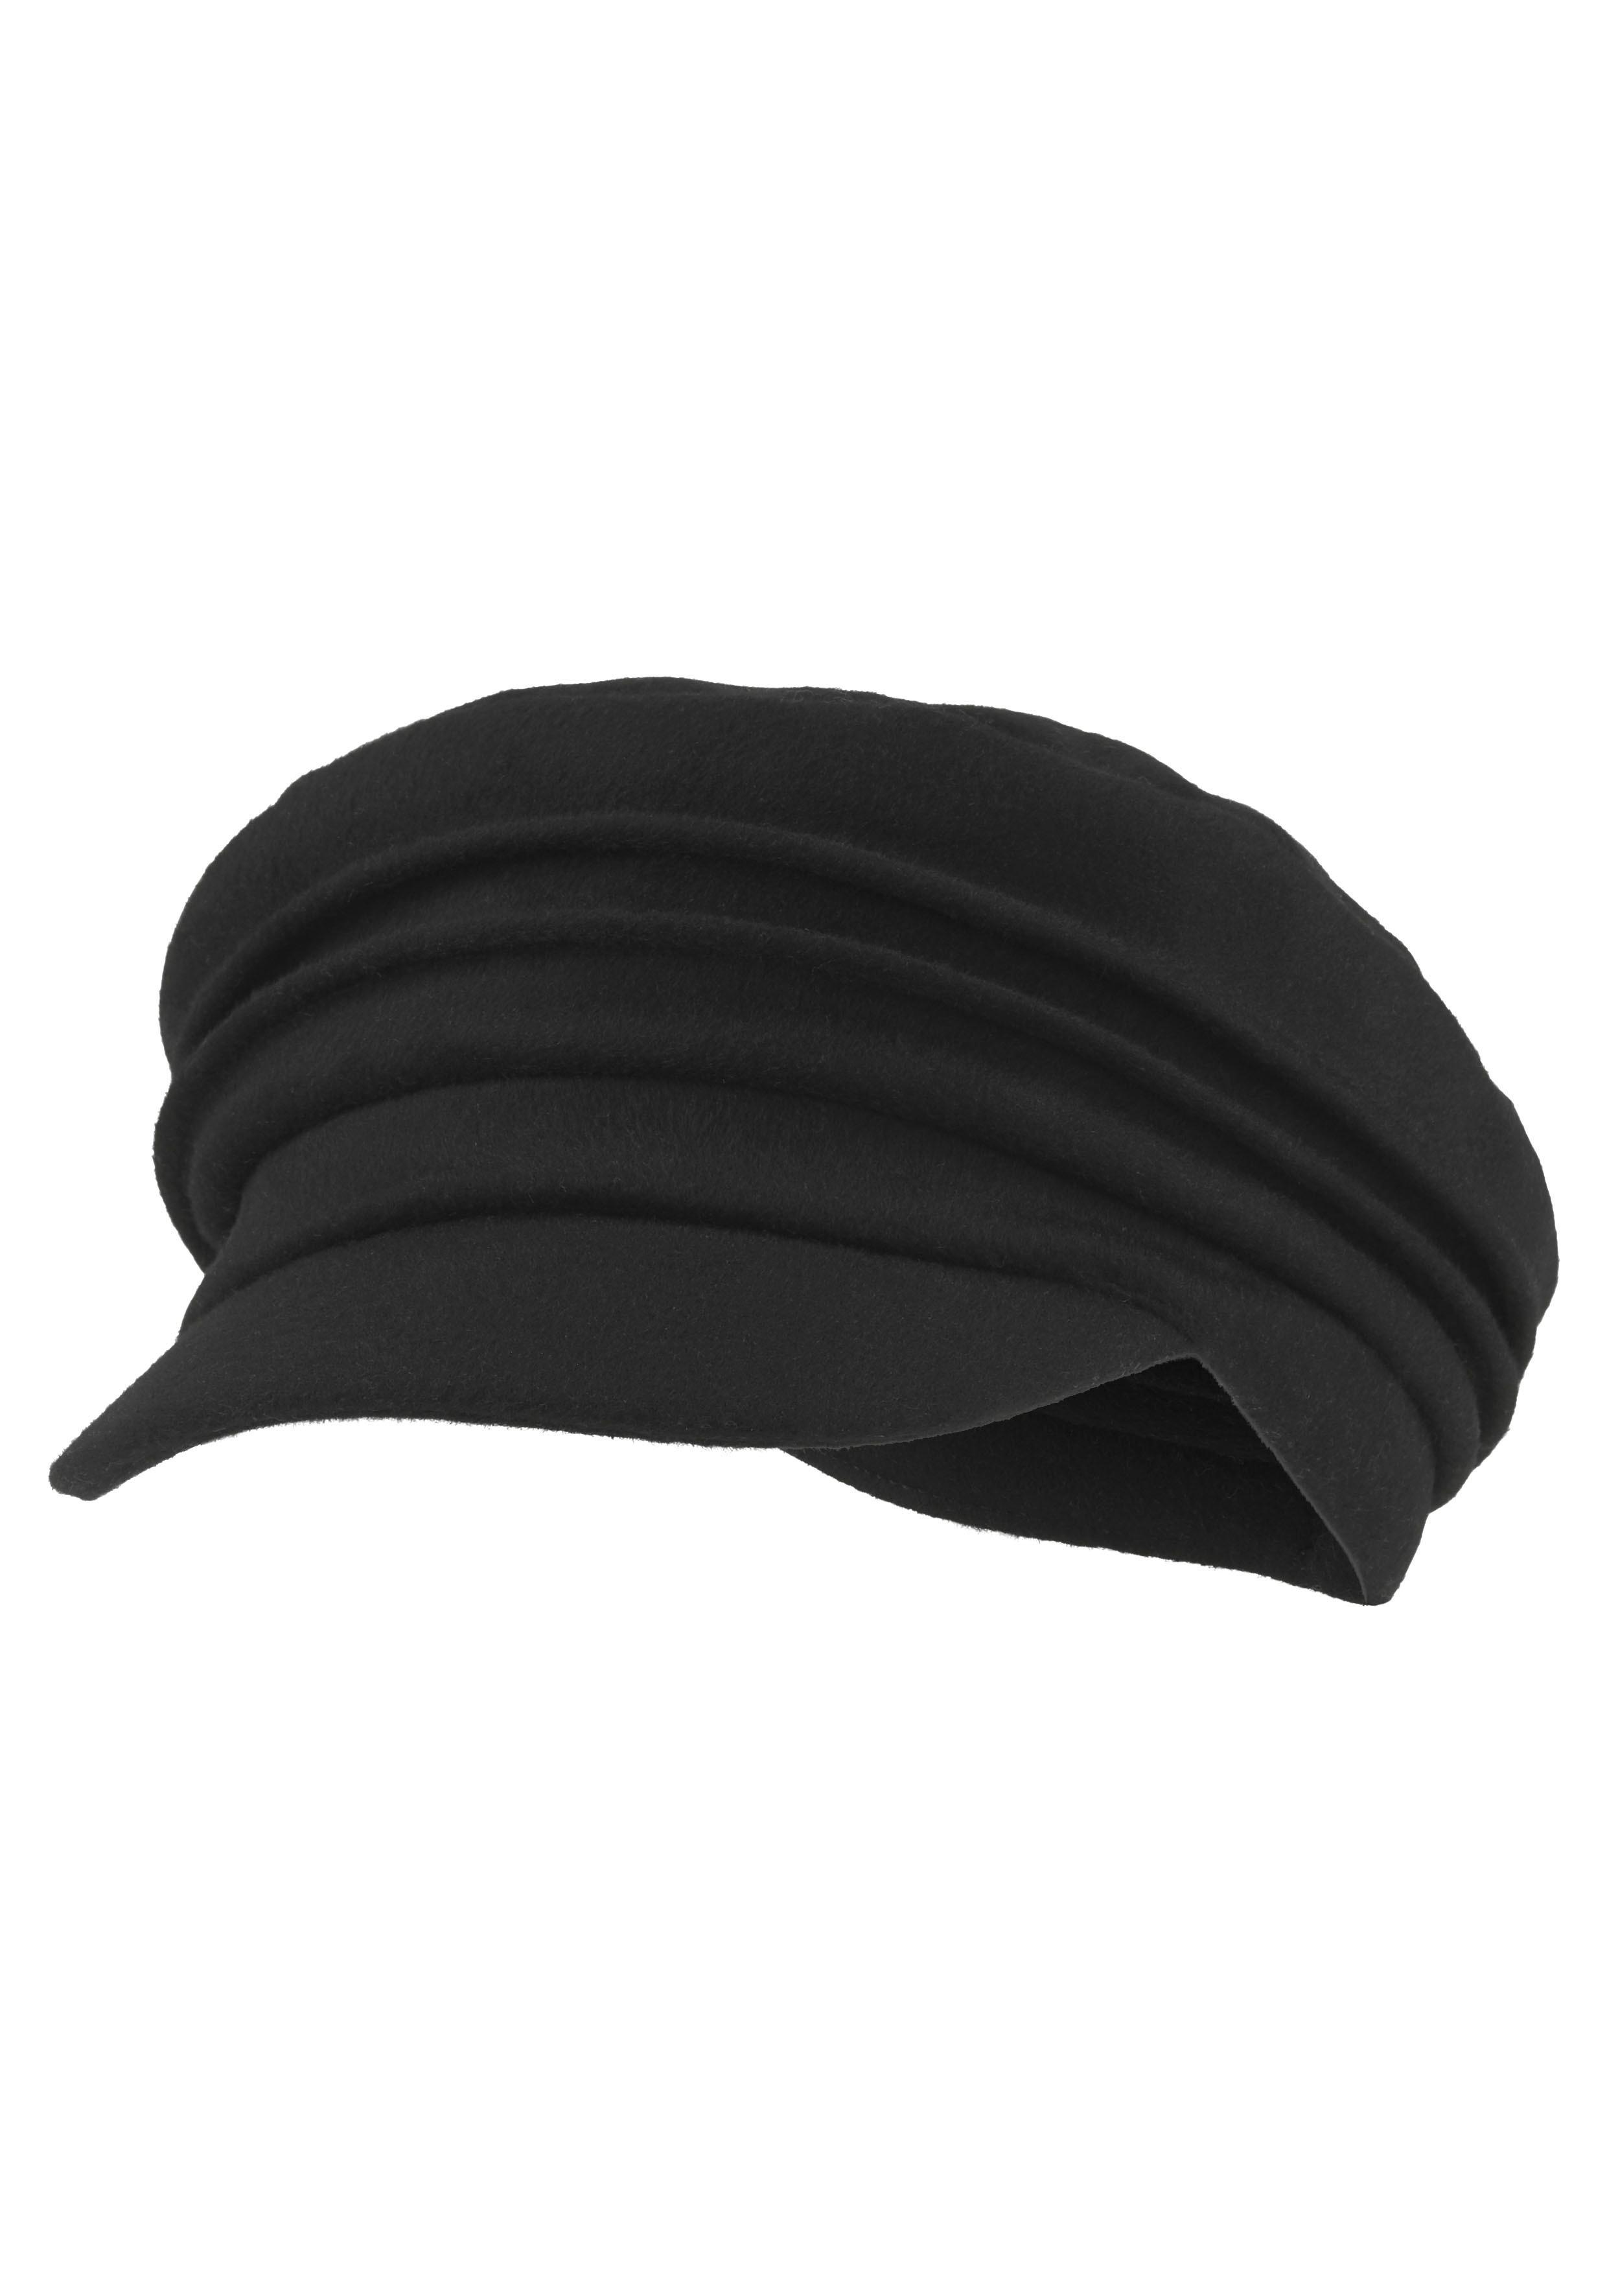 Seeberger Schirmmütze, Ballonmütze, Elbsegler schwarz Damen Schirmmütze